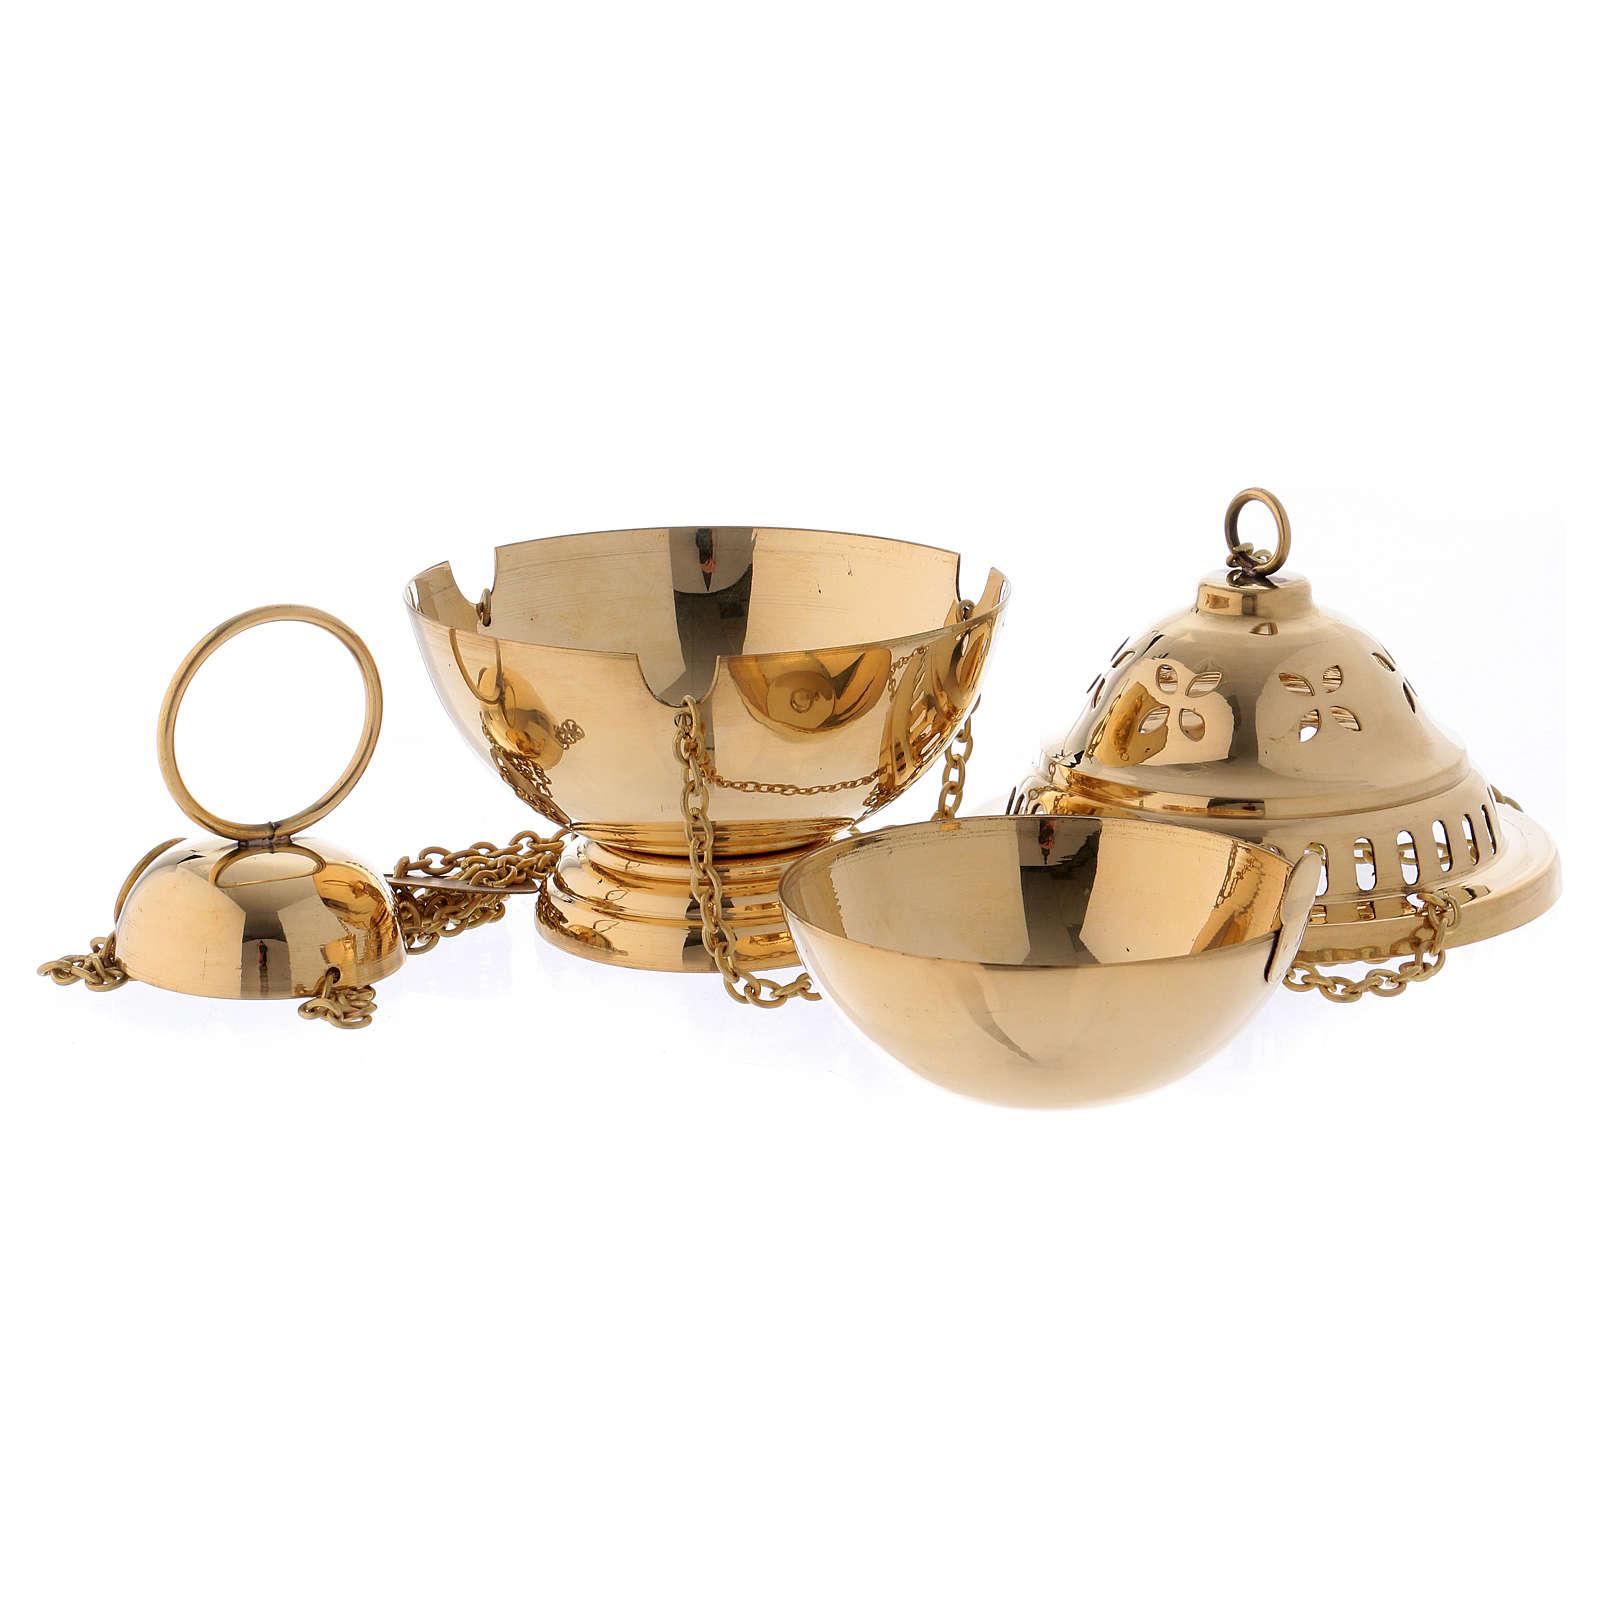 Turibolo ottone dorato lucido 14 cm 3